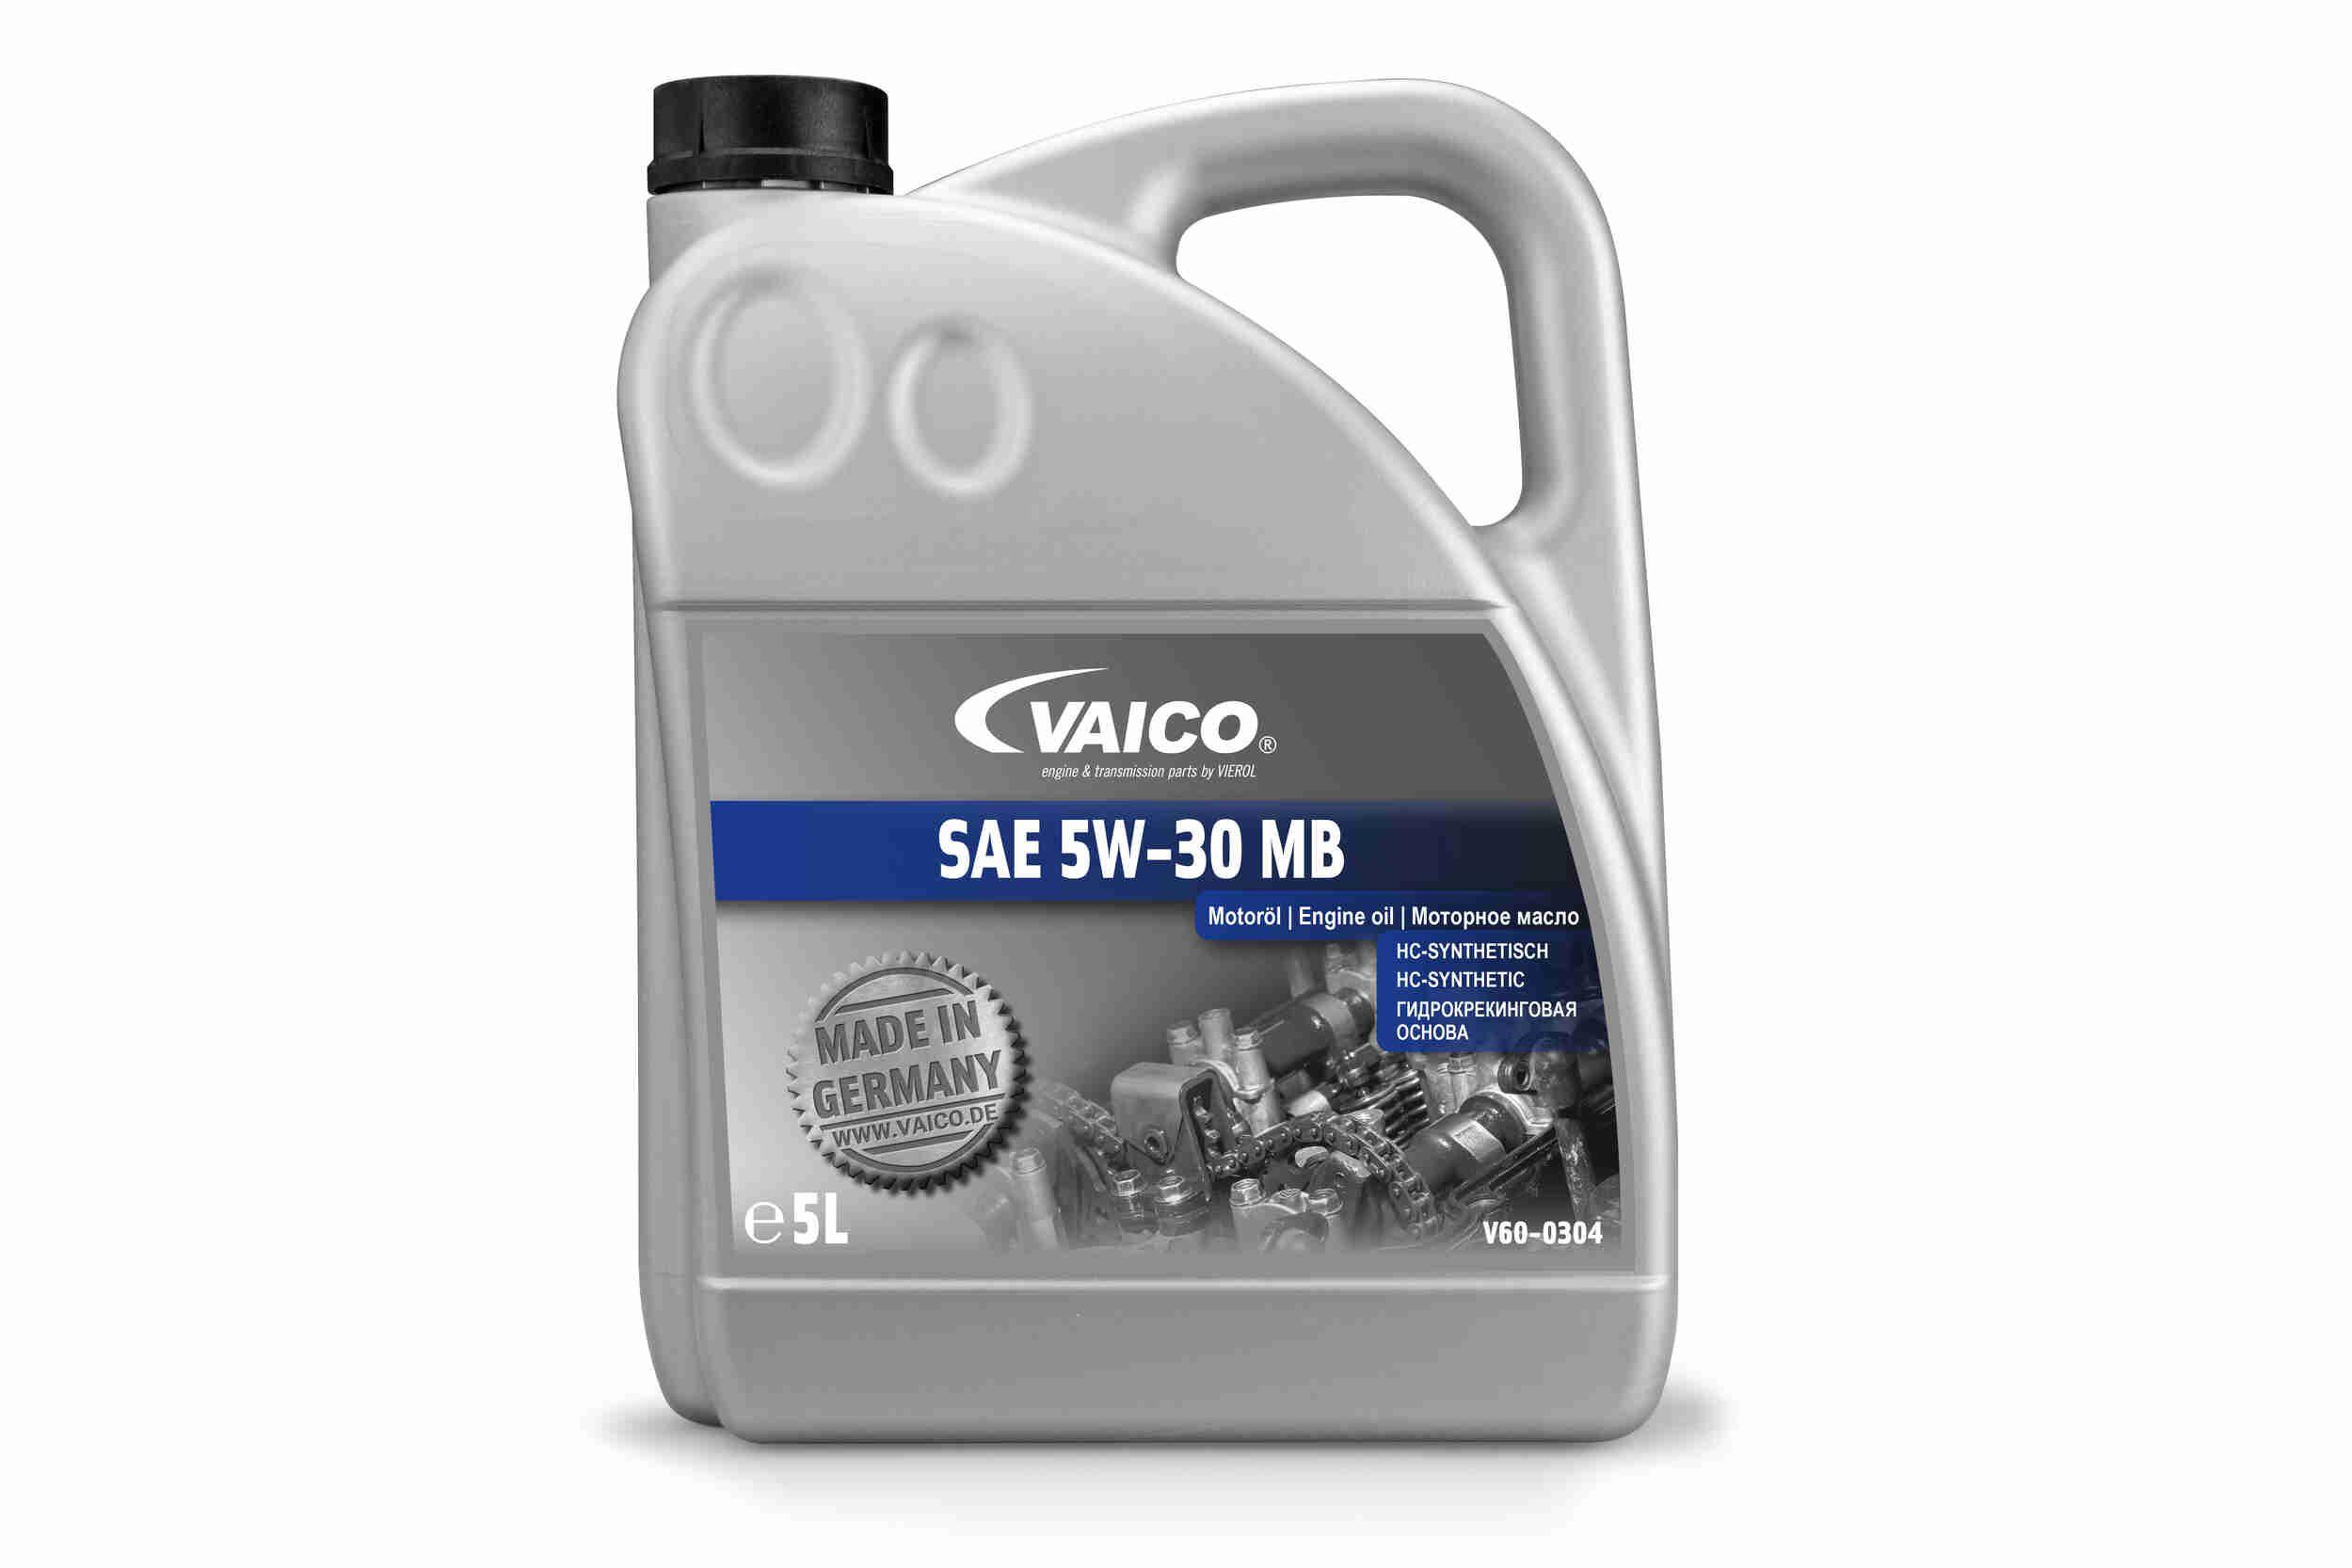 DR DR5 VAICO Olio motore V60-0304